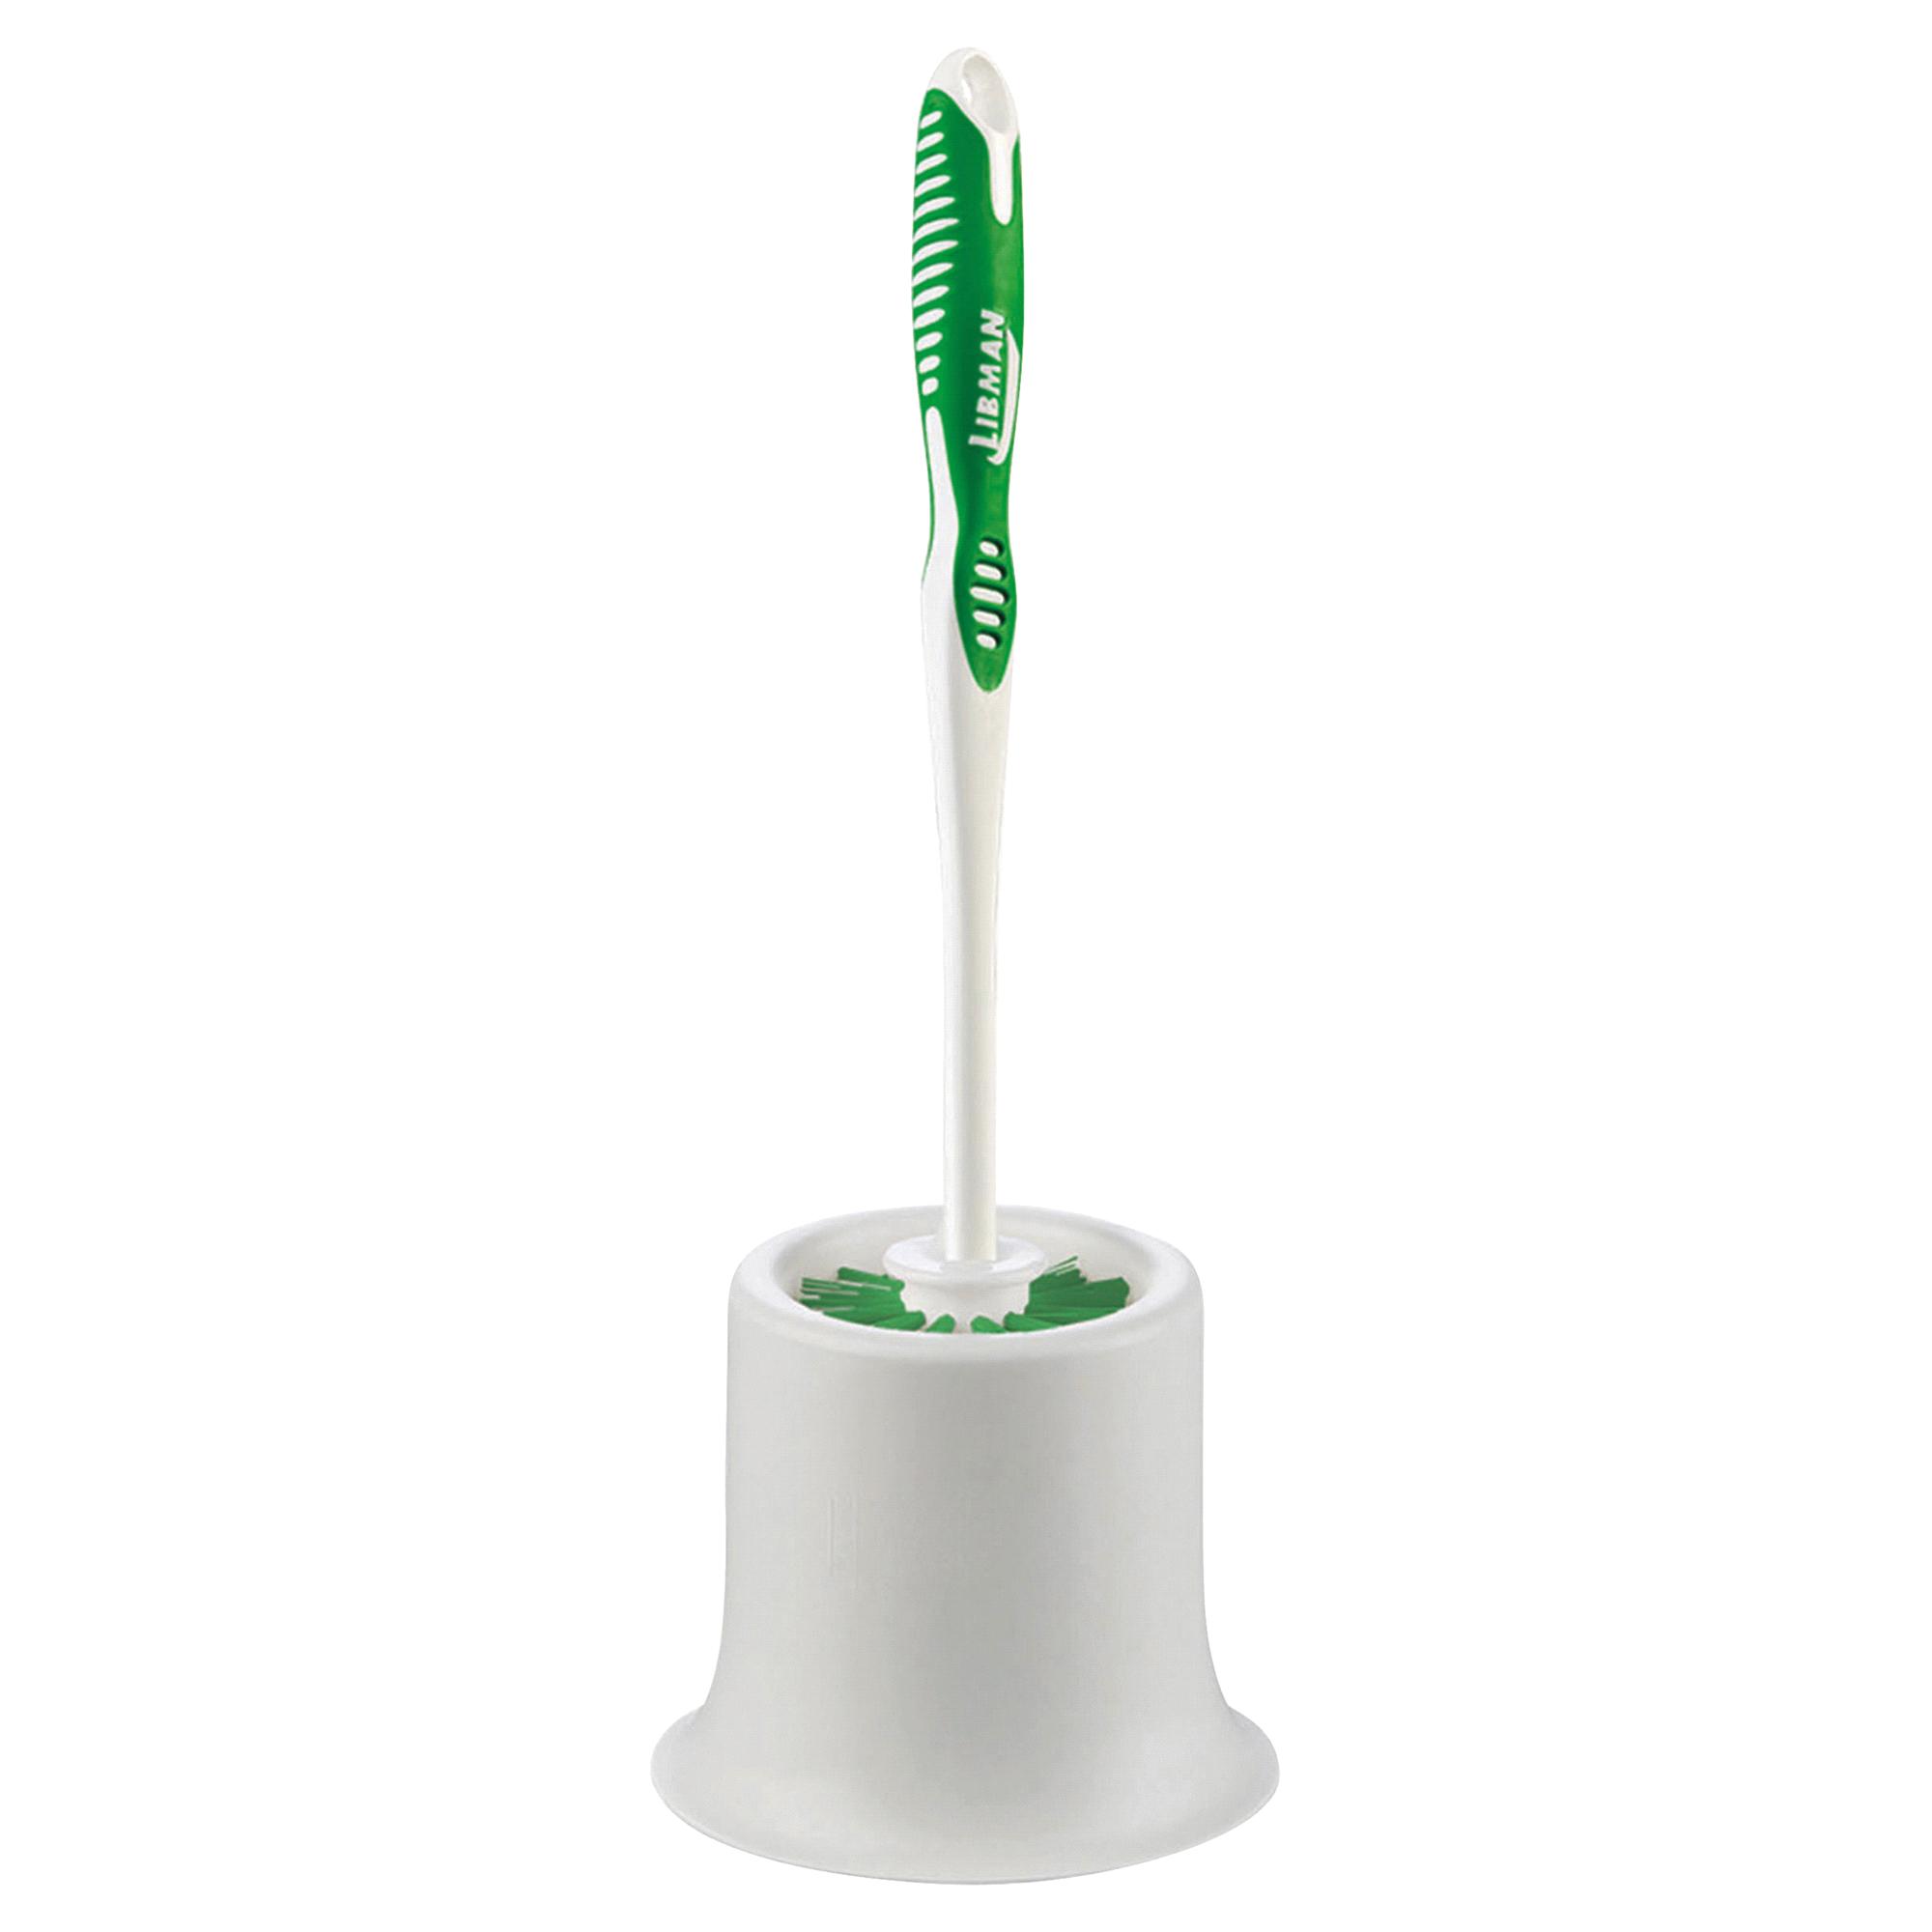 Libman Designer Toilet Bowl Brush & Caddy | Meijer.com